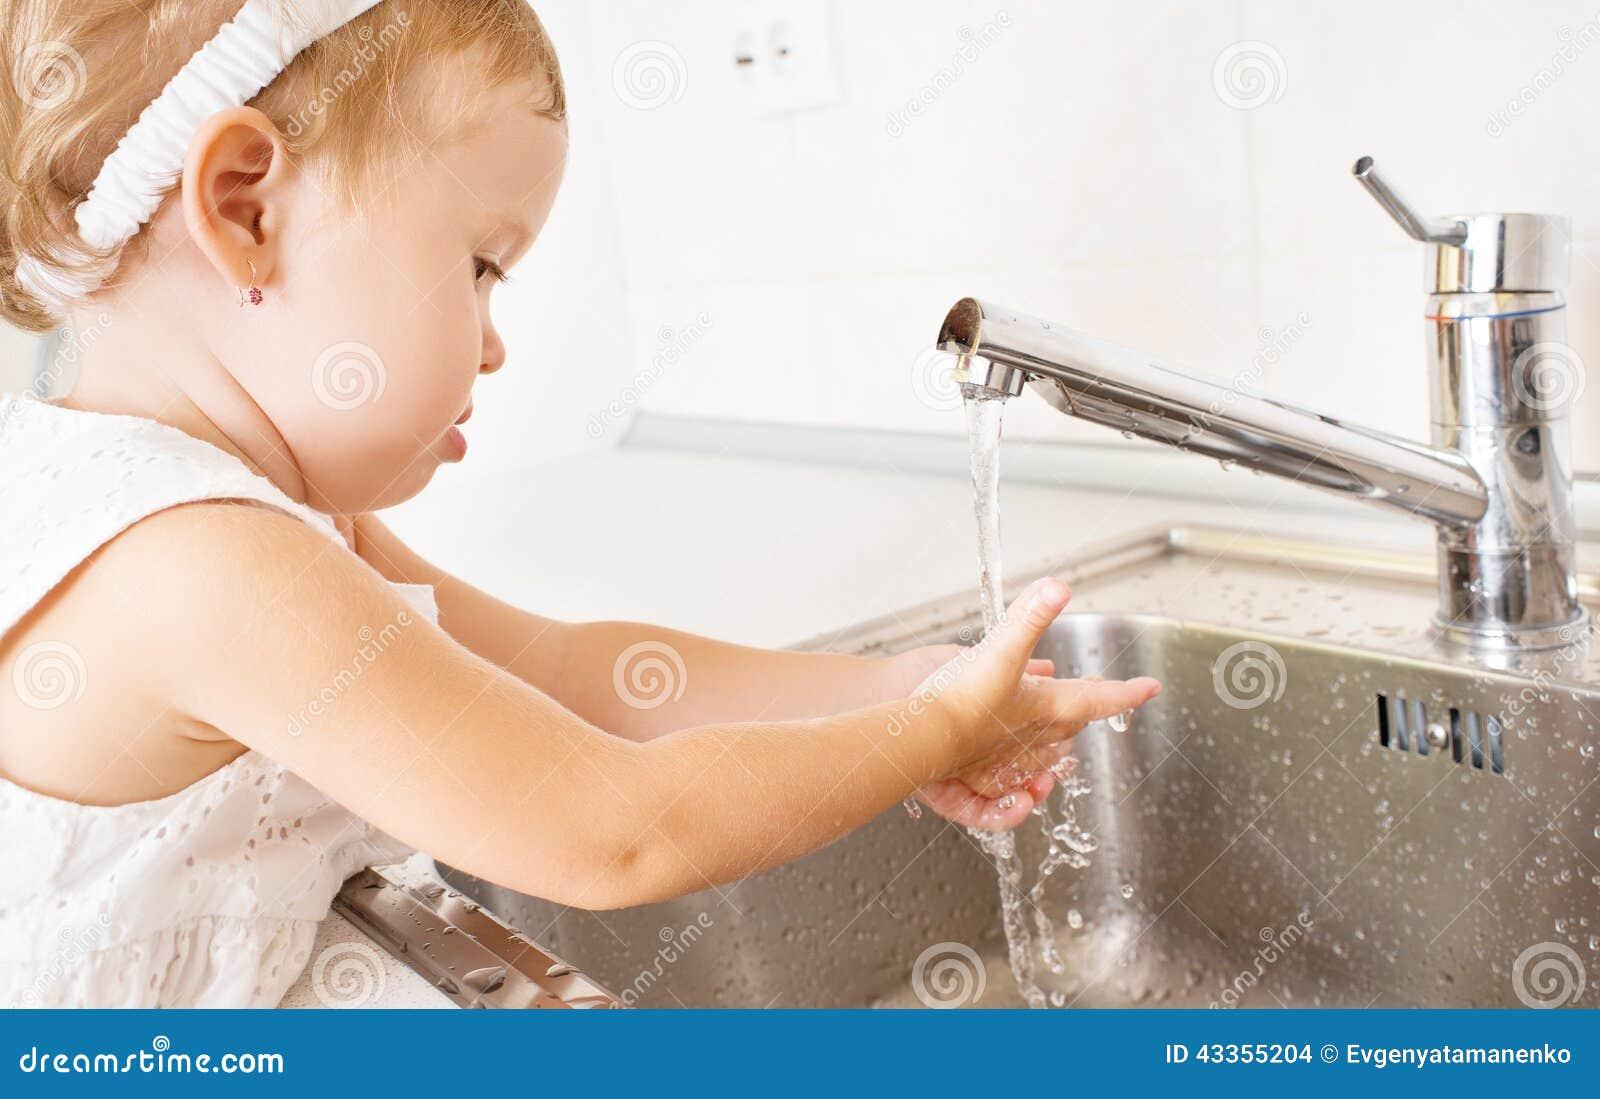 le b b se lave les mains dans la salle de bains photo stock image 43355204. Black Bedroom Furniture Sets. Home Design Ideas